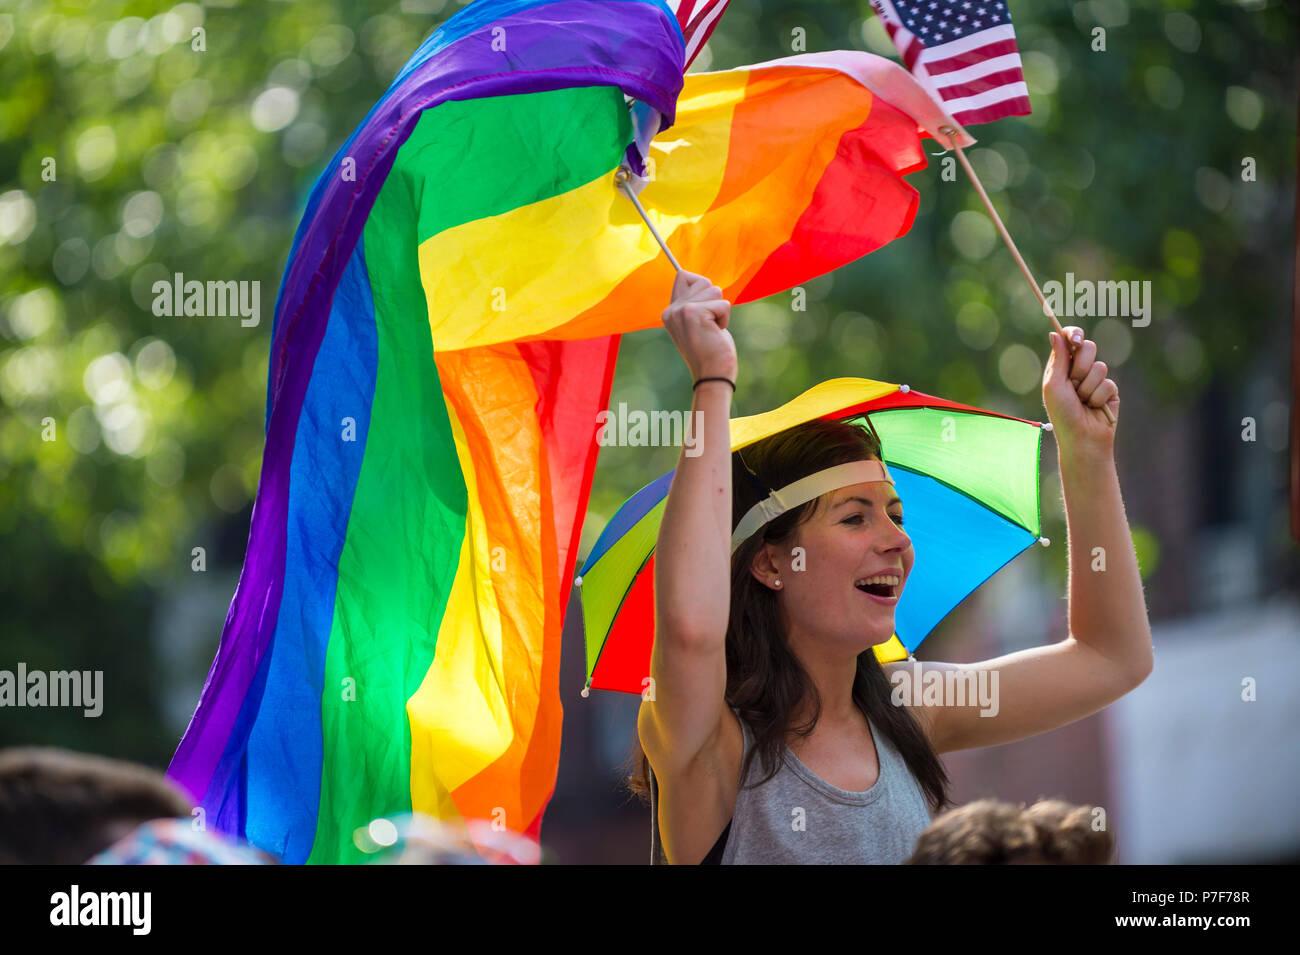 La CIUDAD DE NUEVA YORK - 25 de junio, 2017: Mujer olas arco iris y banderas estadounidenses al margen del Desfile del Orgullo Gay anual como pasa por Greenwich Village. Imagen De Stock